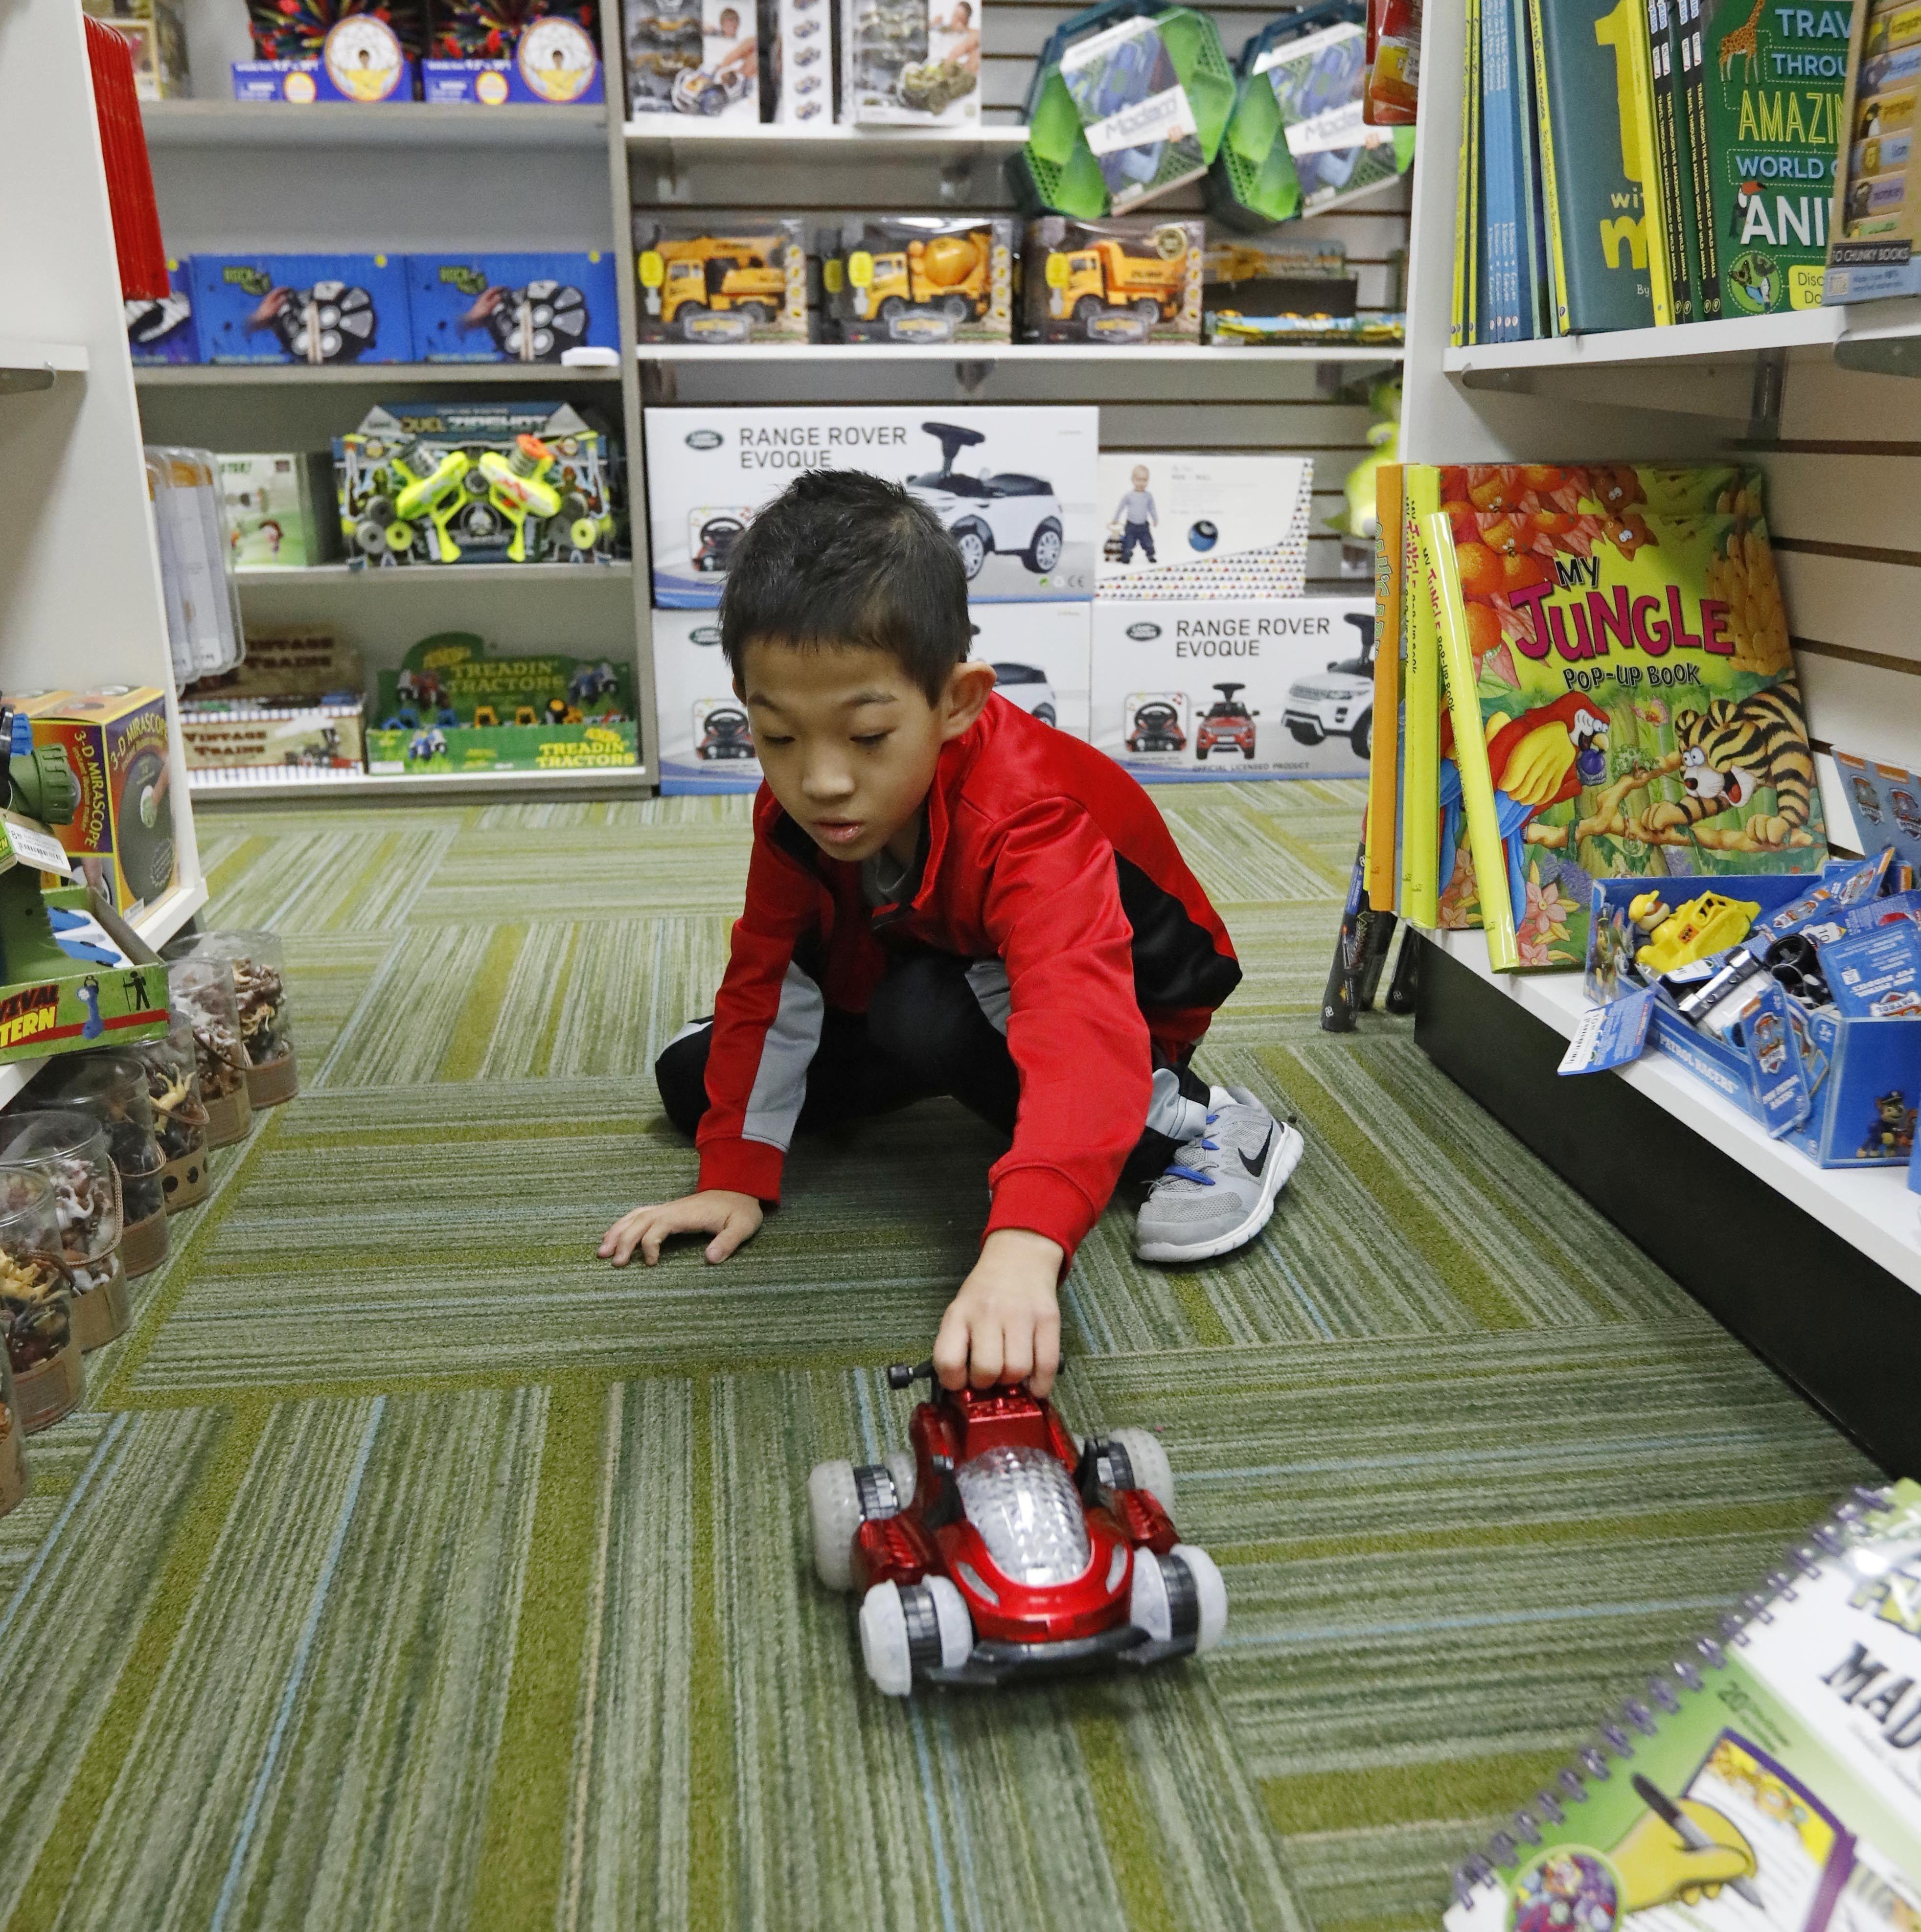 Opciones Para Niños Juguetes A Comprar Más Autistas 9IW2eEHYD